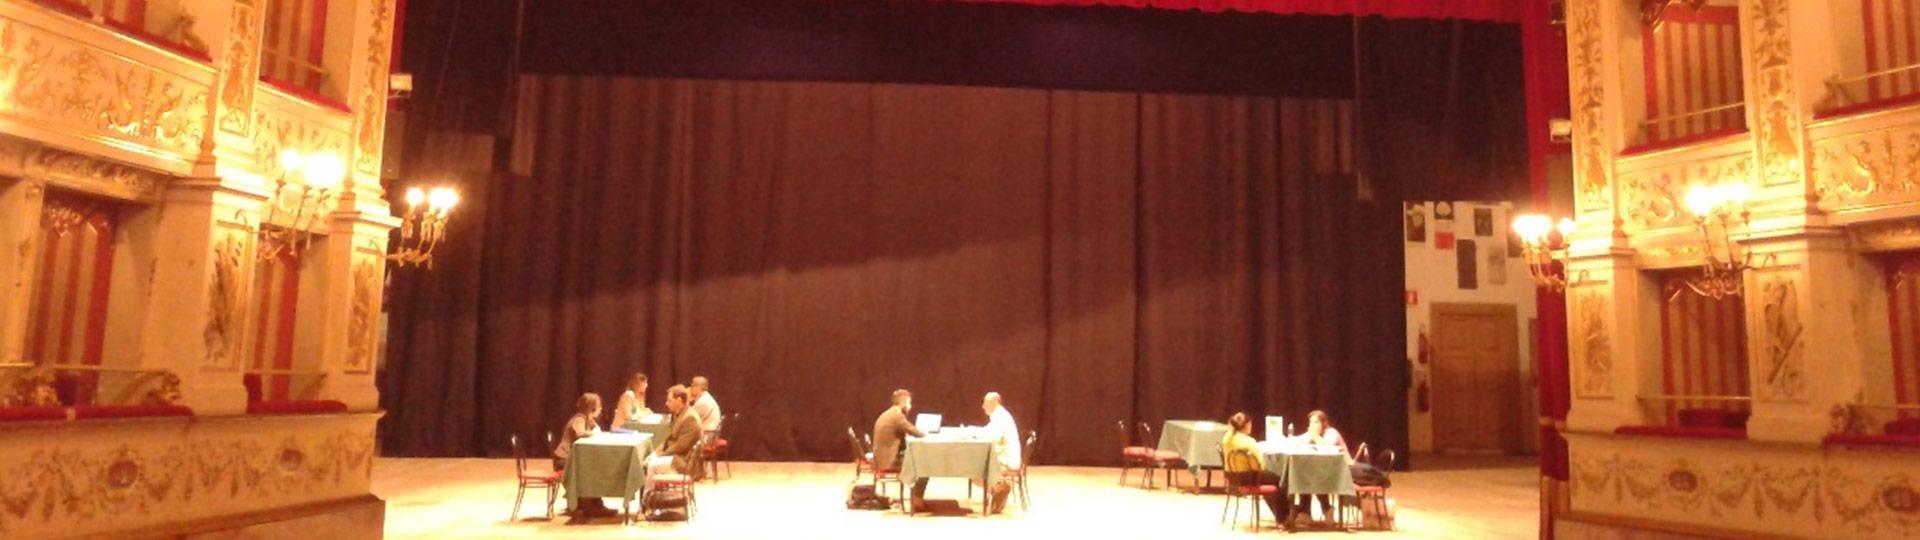 Opera teatrale